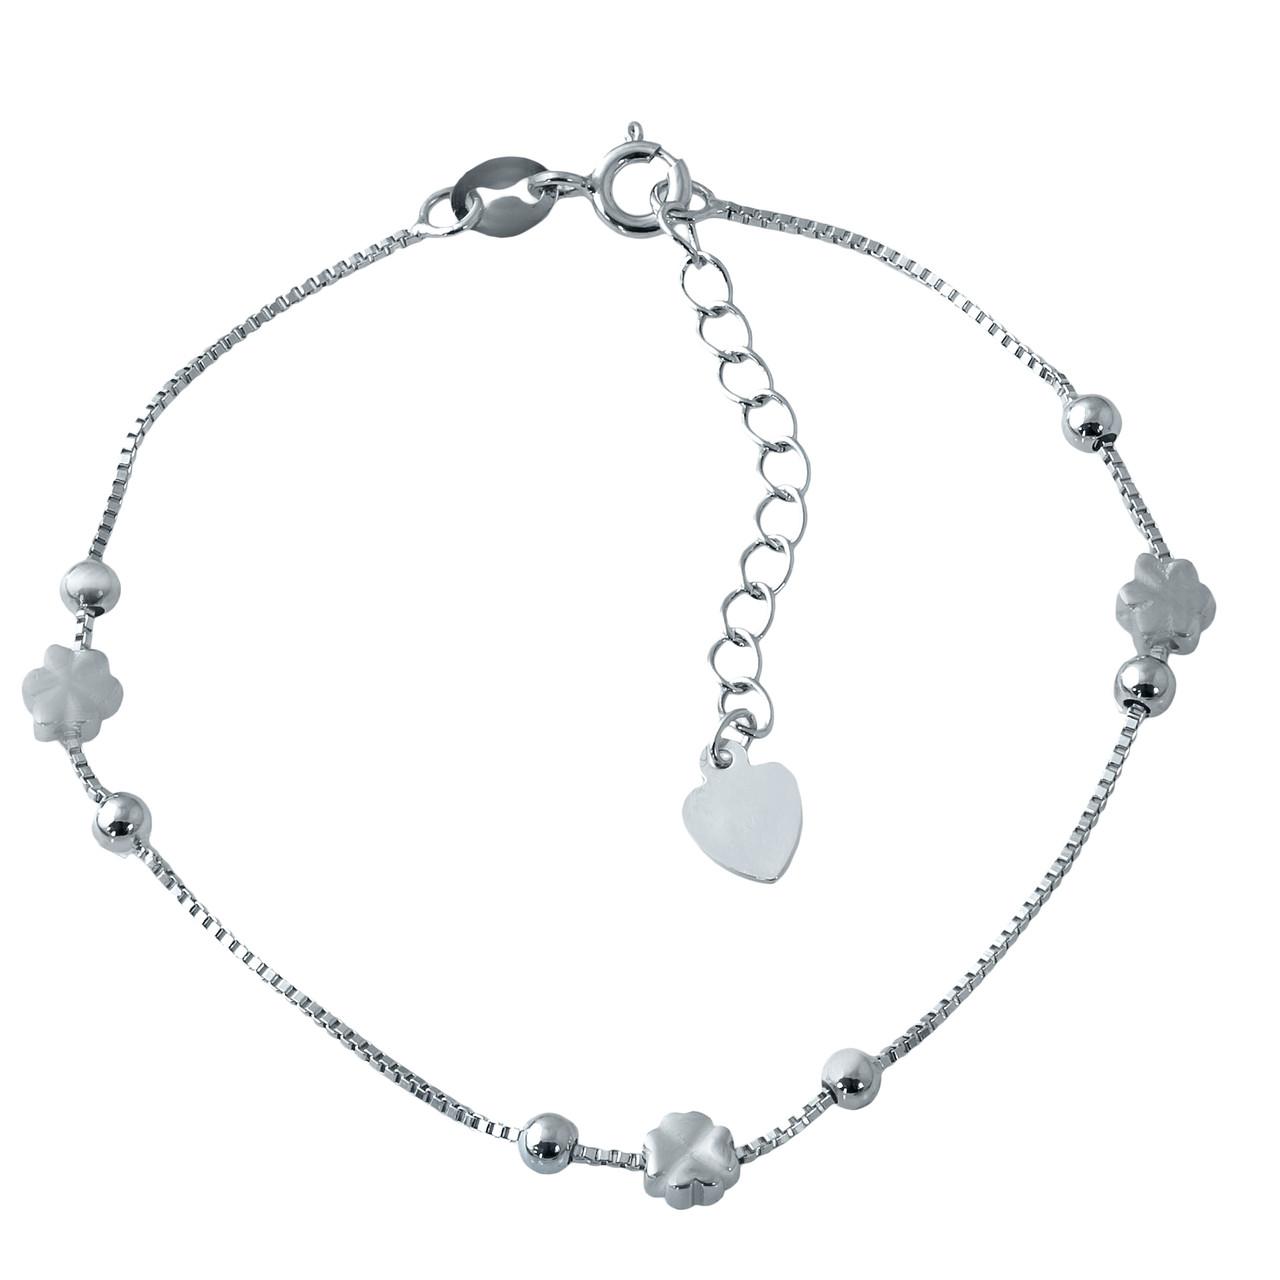 Родированный серебряный браслет 925 пробы без камней - Fashion Jewelry в  Киеве e61040c418fd0